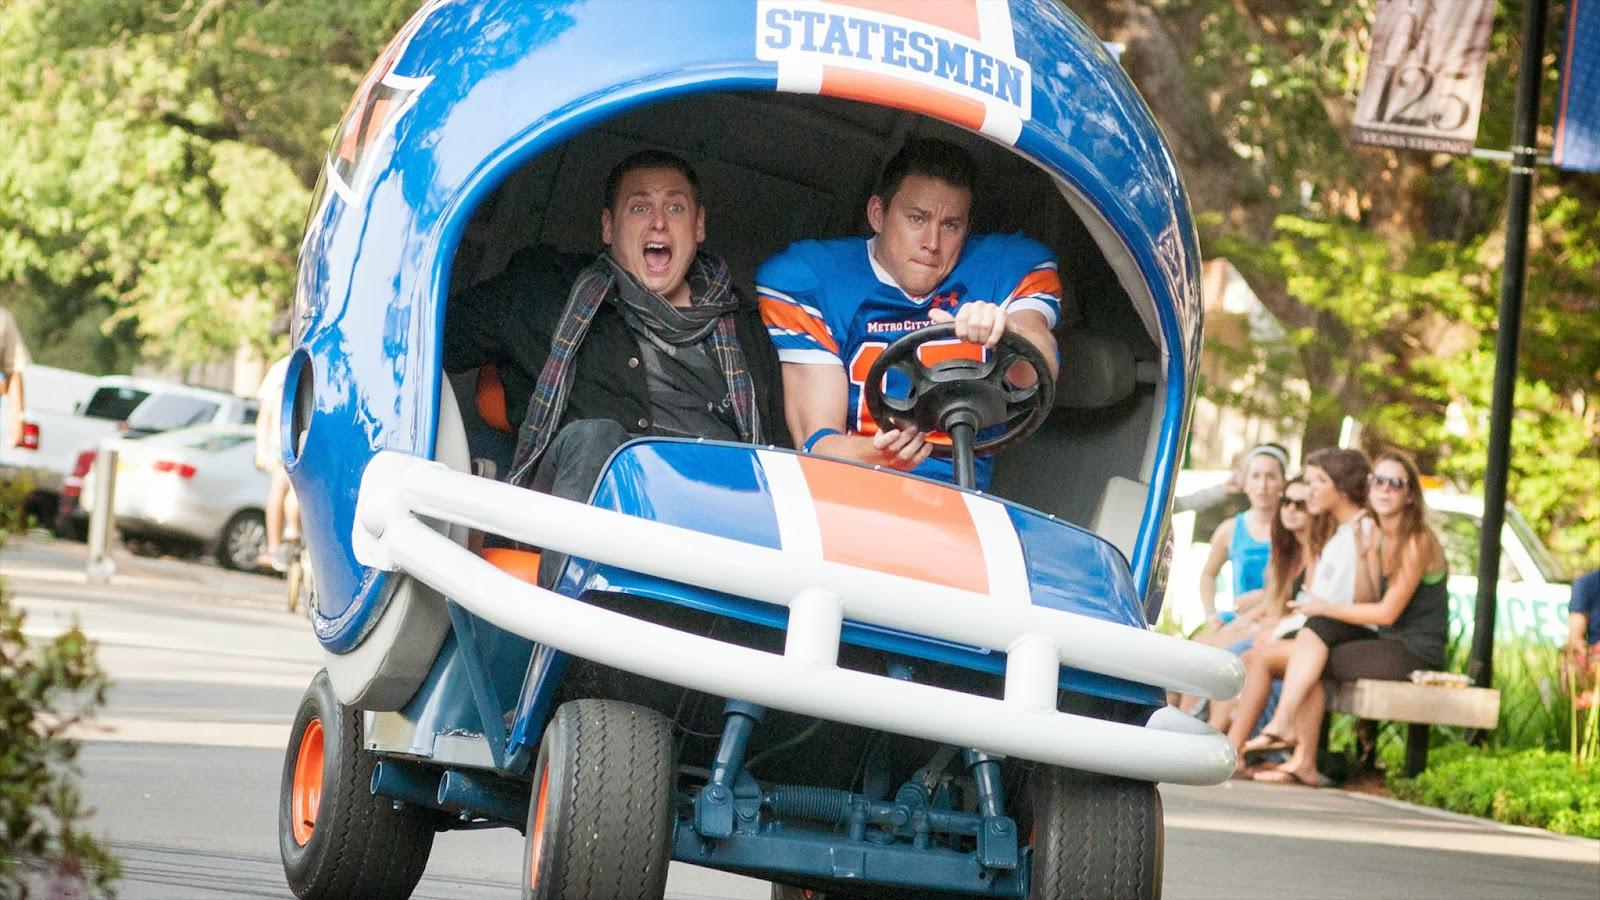 22 Jump street: Channing Tatum e Jonah Hill in una pazza scena action